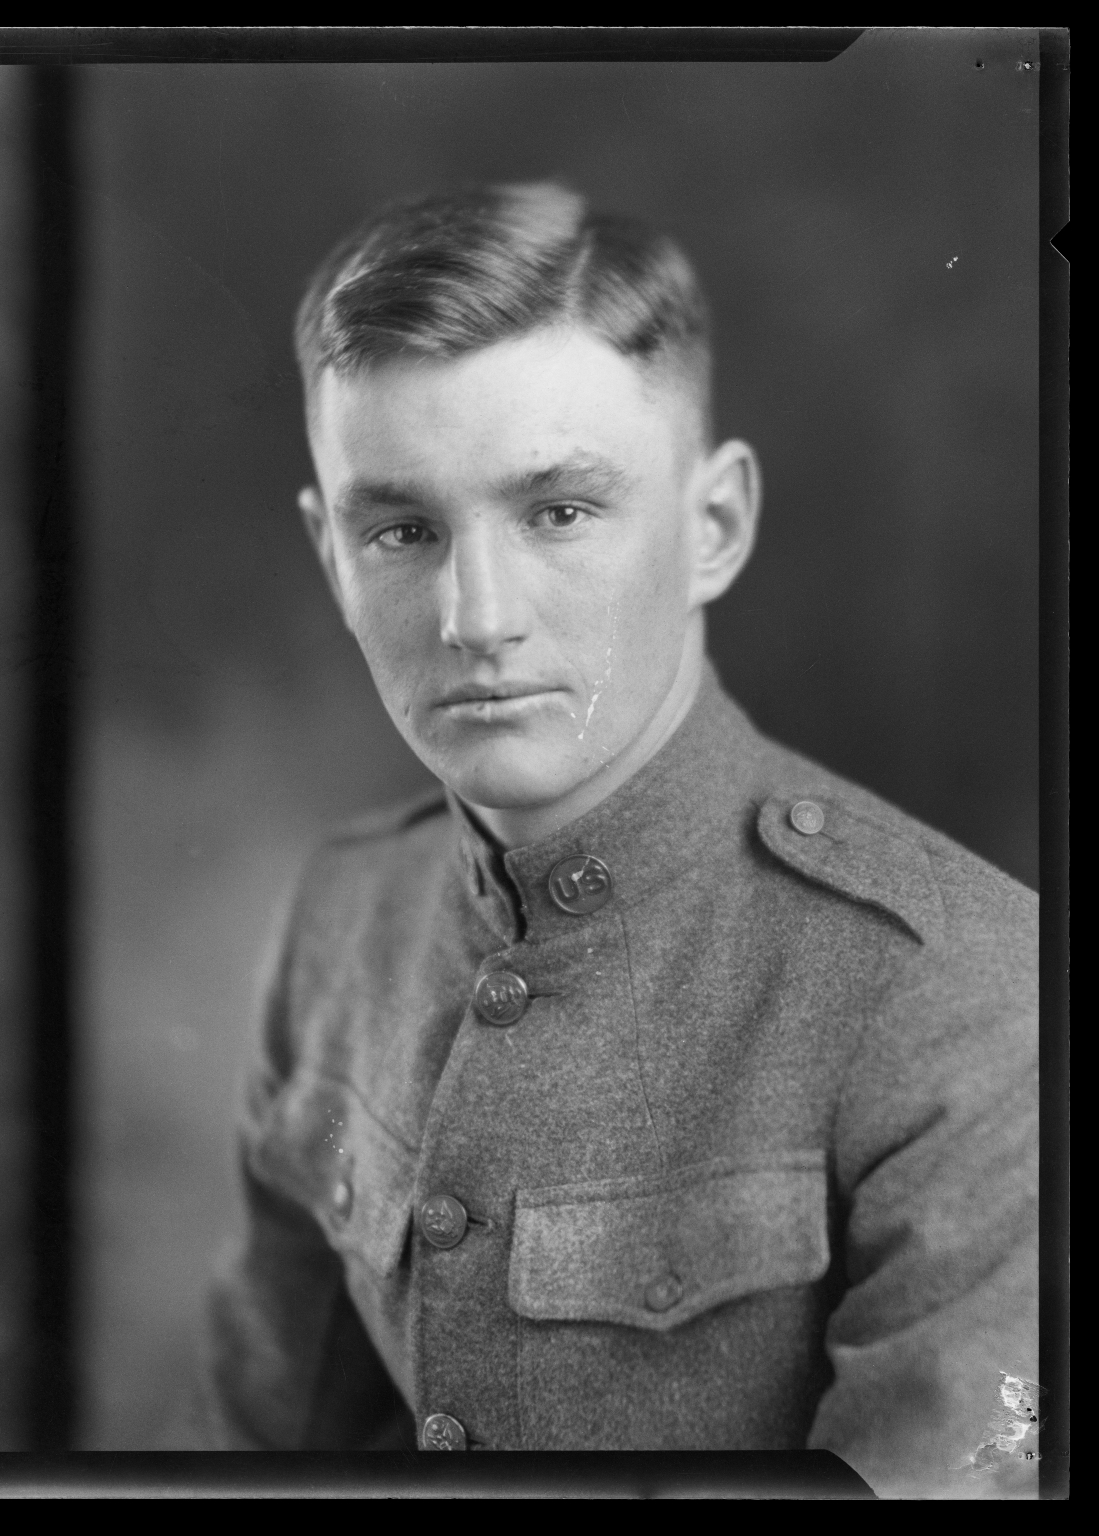 Portraits of V. G. Seavy